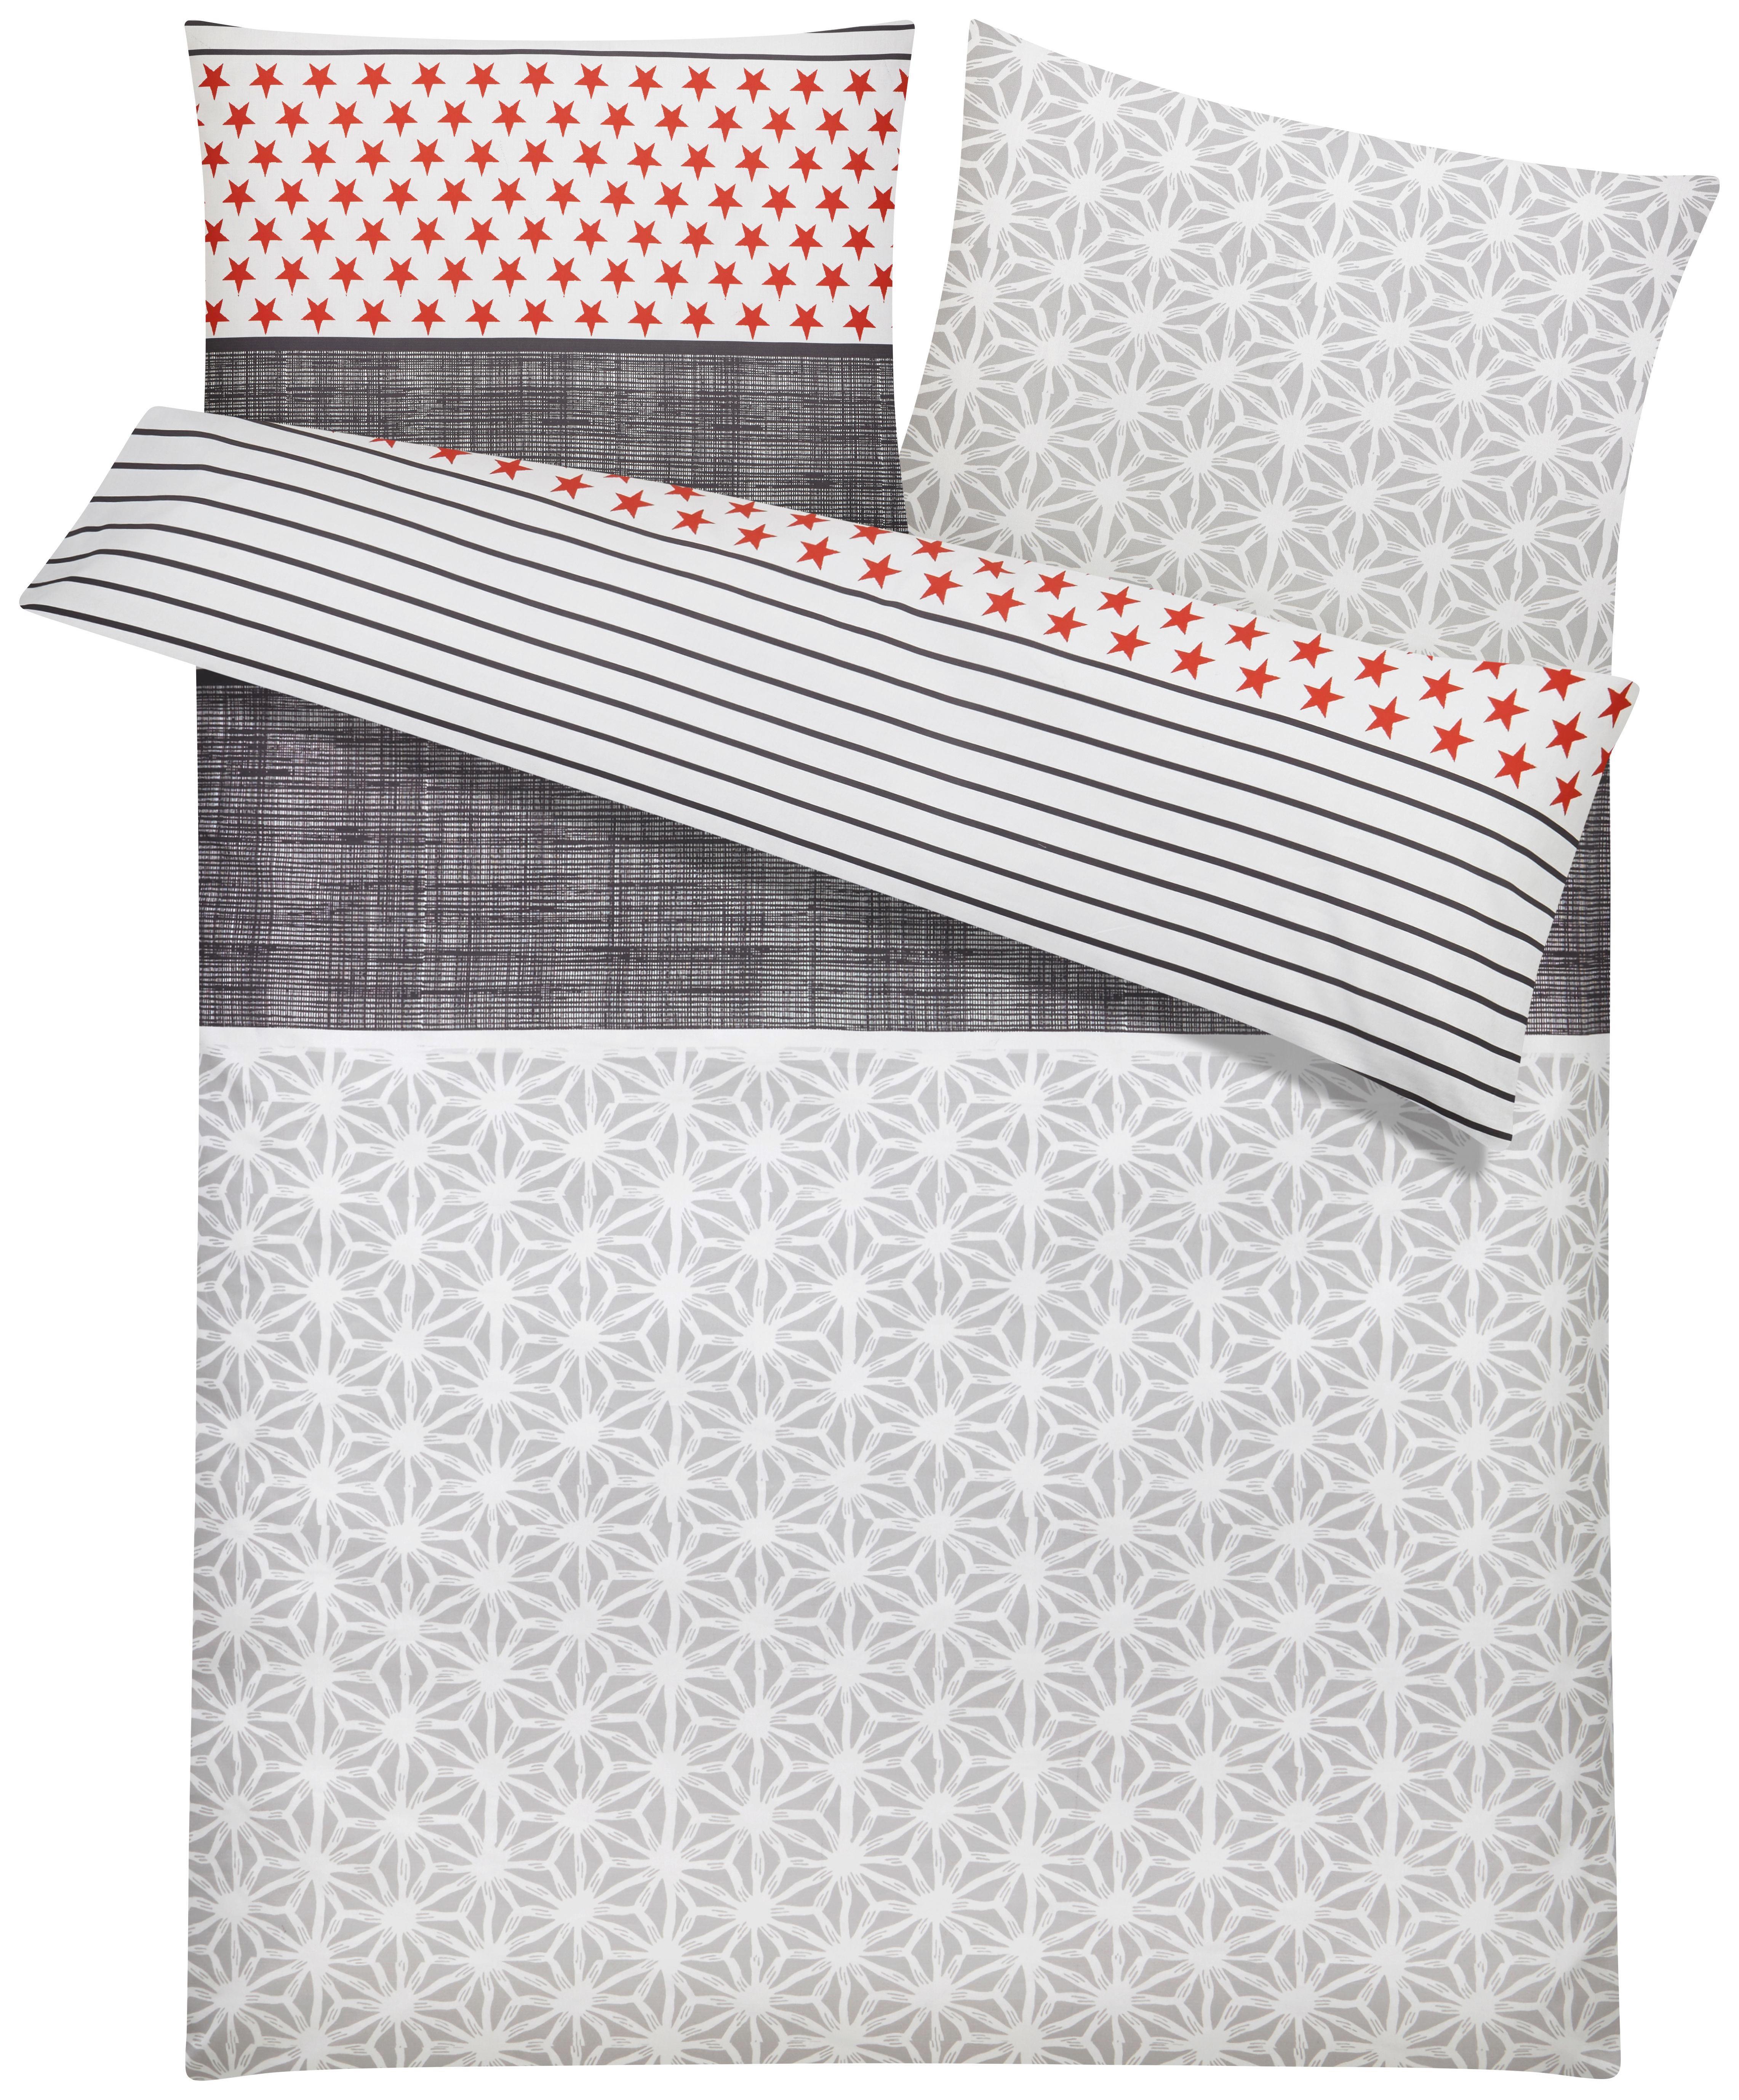 Bettwäsche S. Oliver Baumwollsatin - Rot/Weiß, MODERN, Textil - S. OLIVER